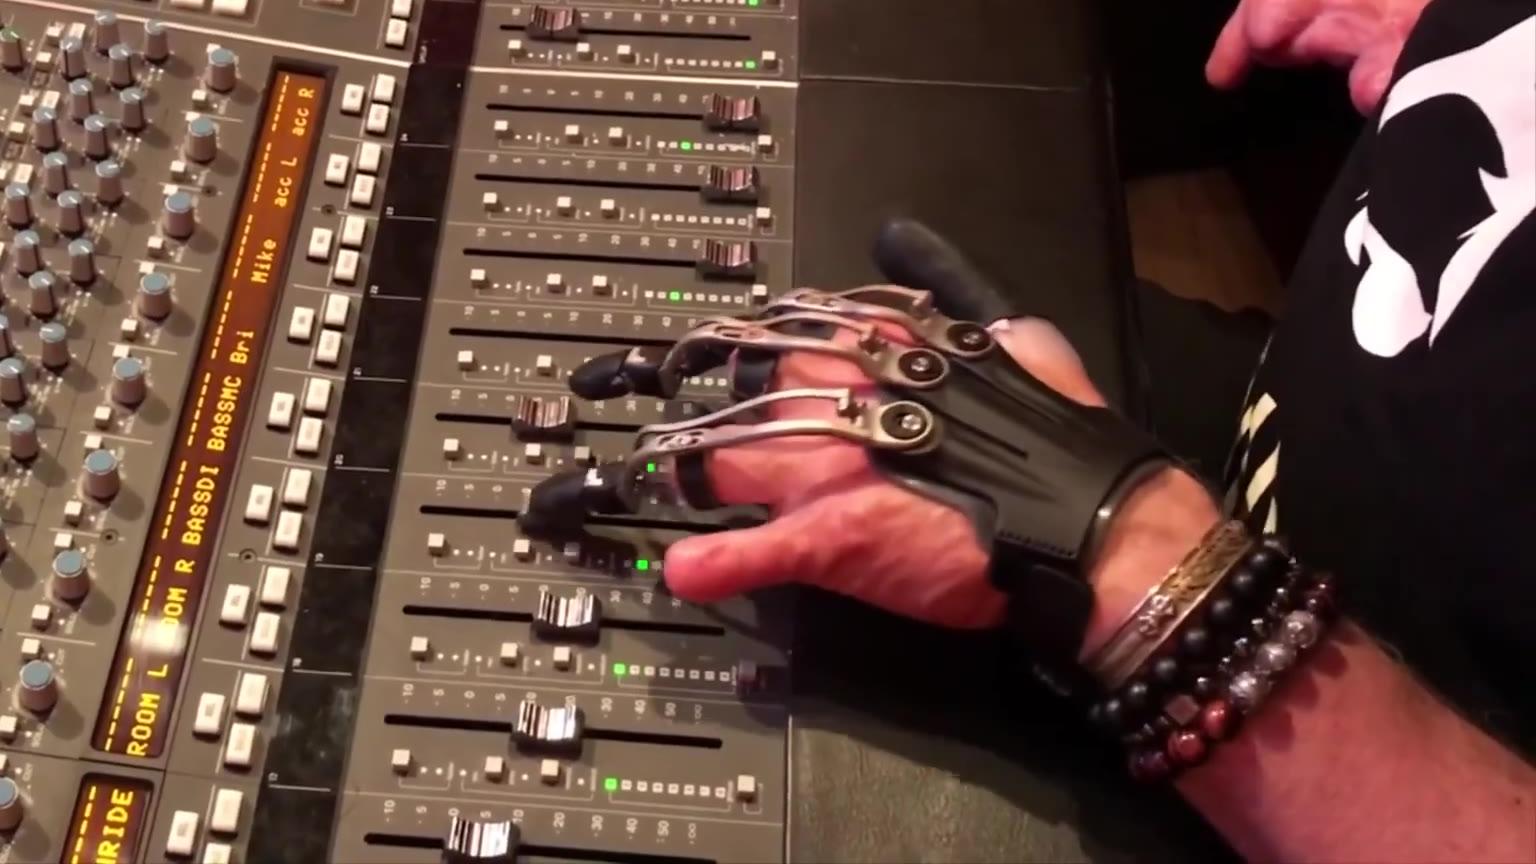 当假肢人造器官与科技相结合,竟然可以如此神奇